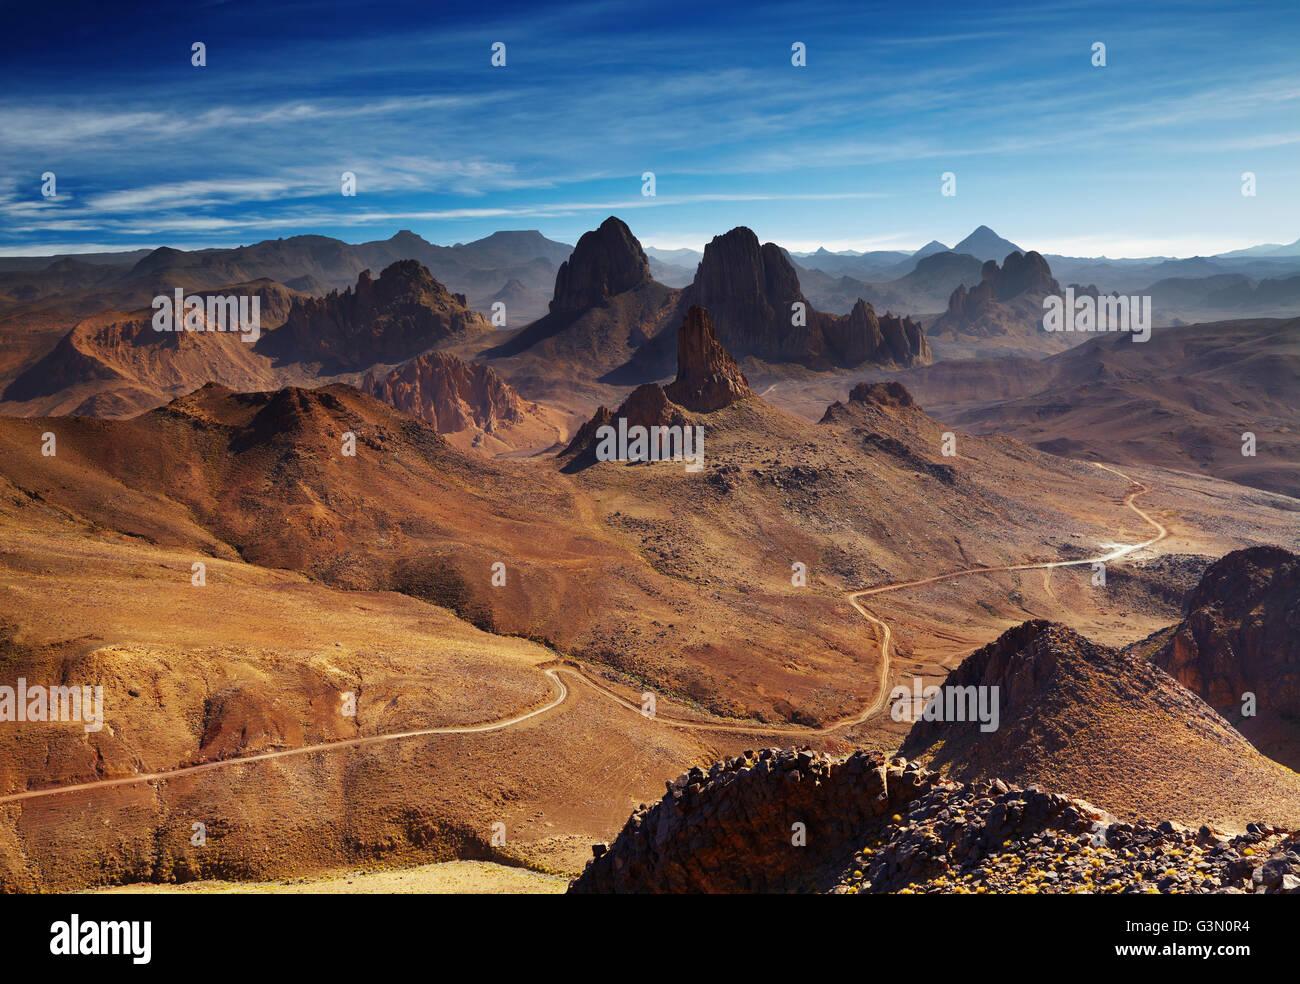 Désert du Sahara, du Hoggar, Algérie, vue depuis l'Assekrem col Photo Stock